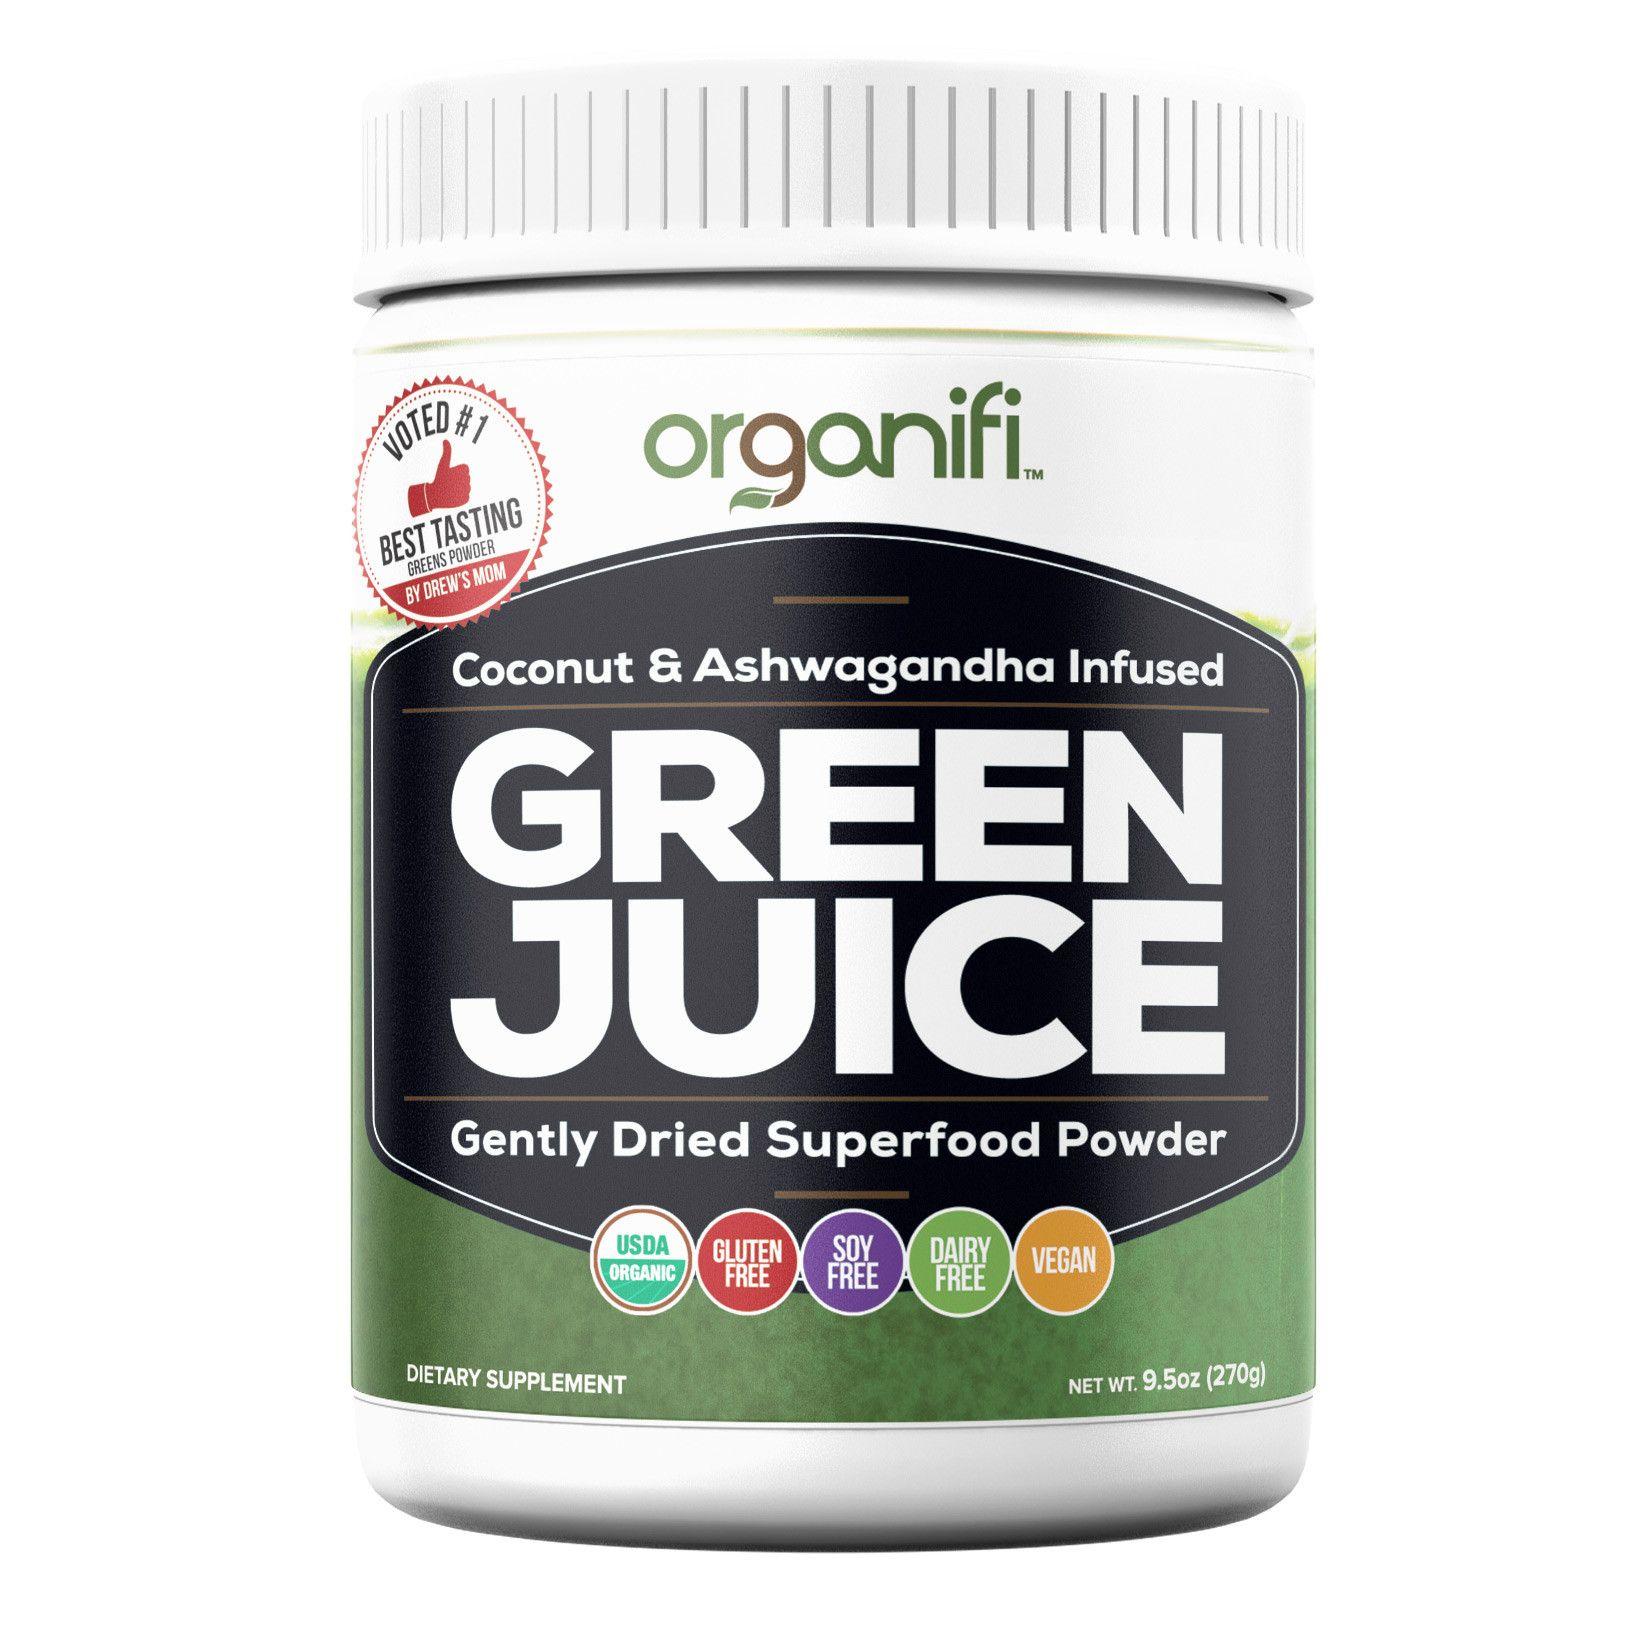 Organifi Go 1 Box 30 Go Packs Organifi Green Juice Green Juice Detox Organifi